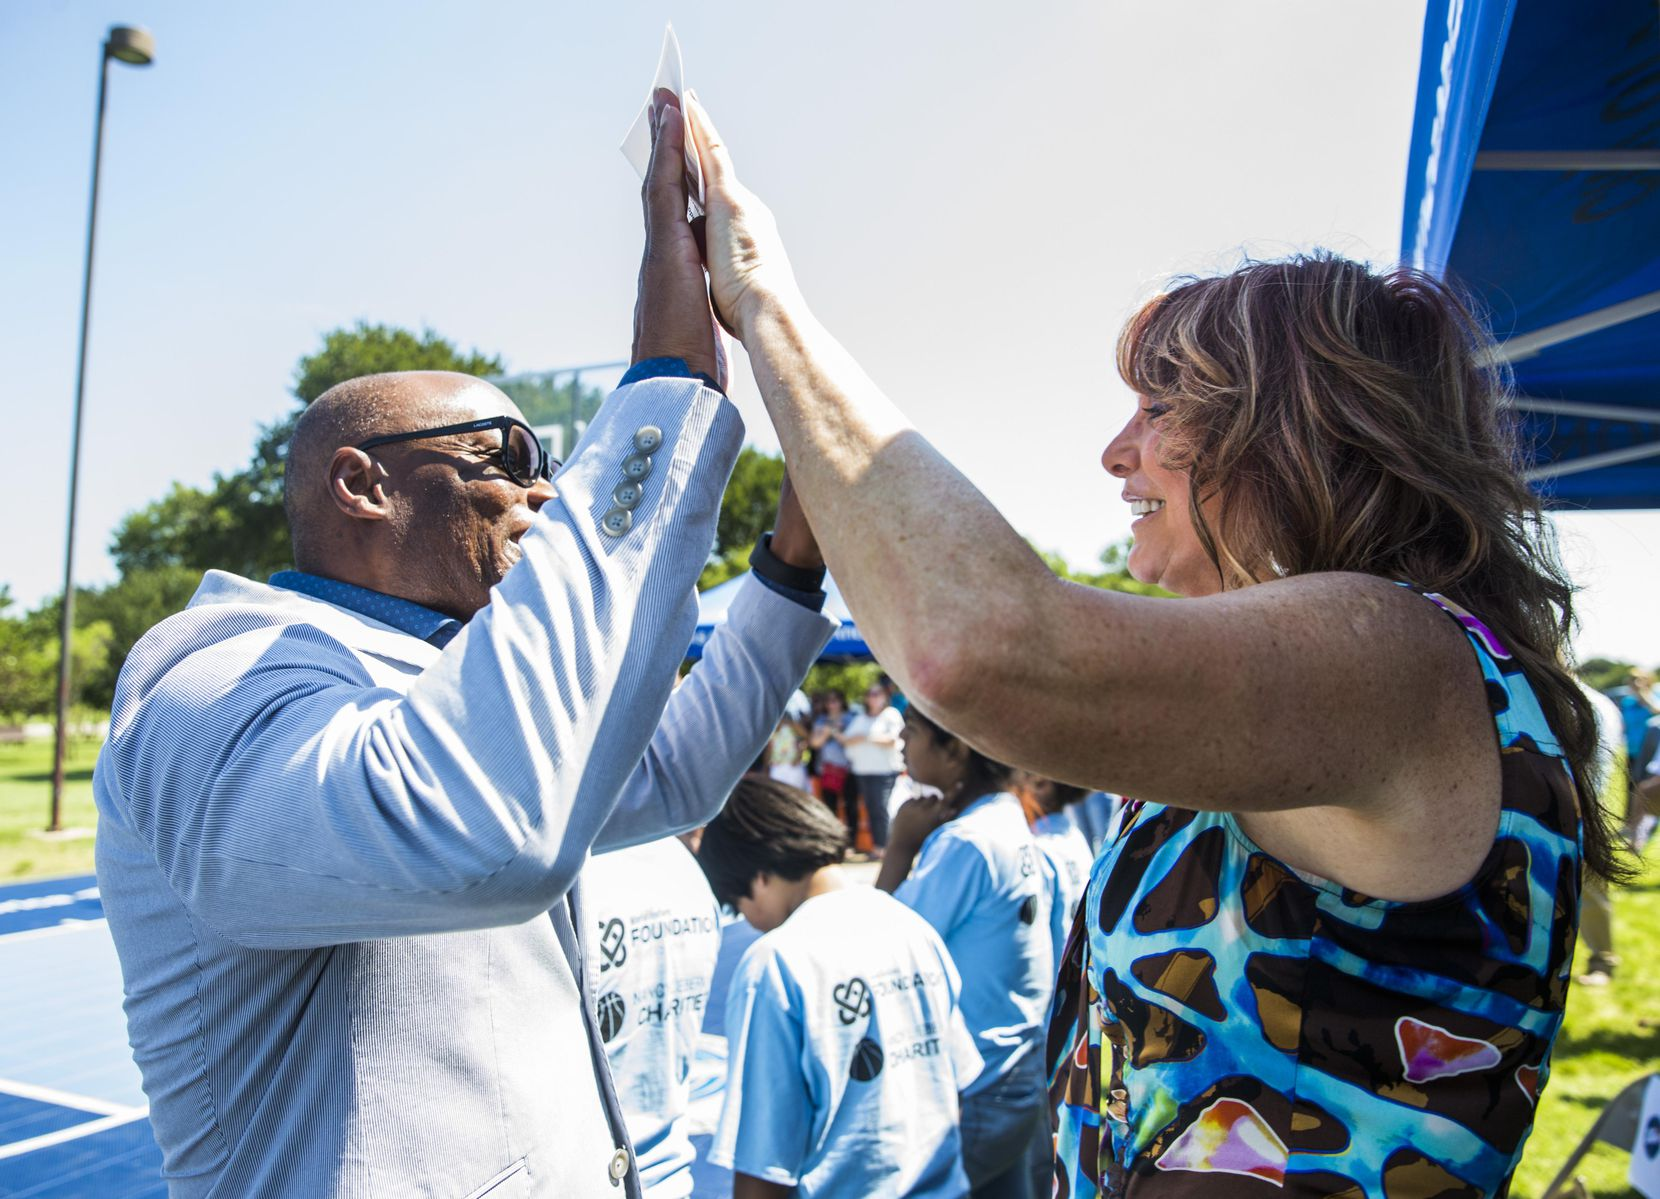 El ex jefe de policía David Brown saluda a la ex basquetbolista Nancy Lieberman, quien donó canchas de basquetbol en Oak Cliff. ASHLEY LANDIS/DMN